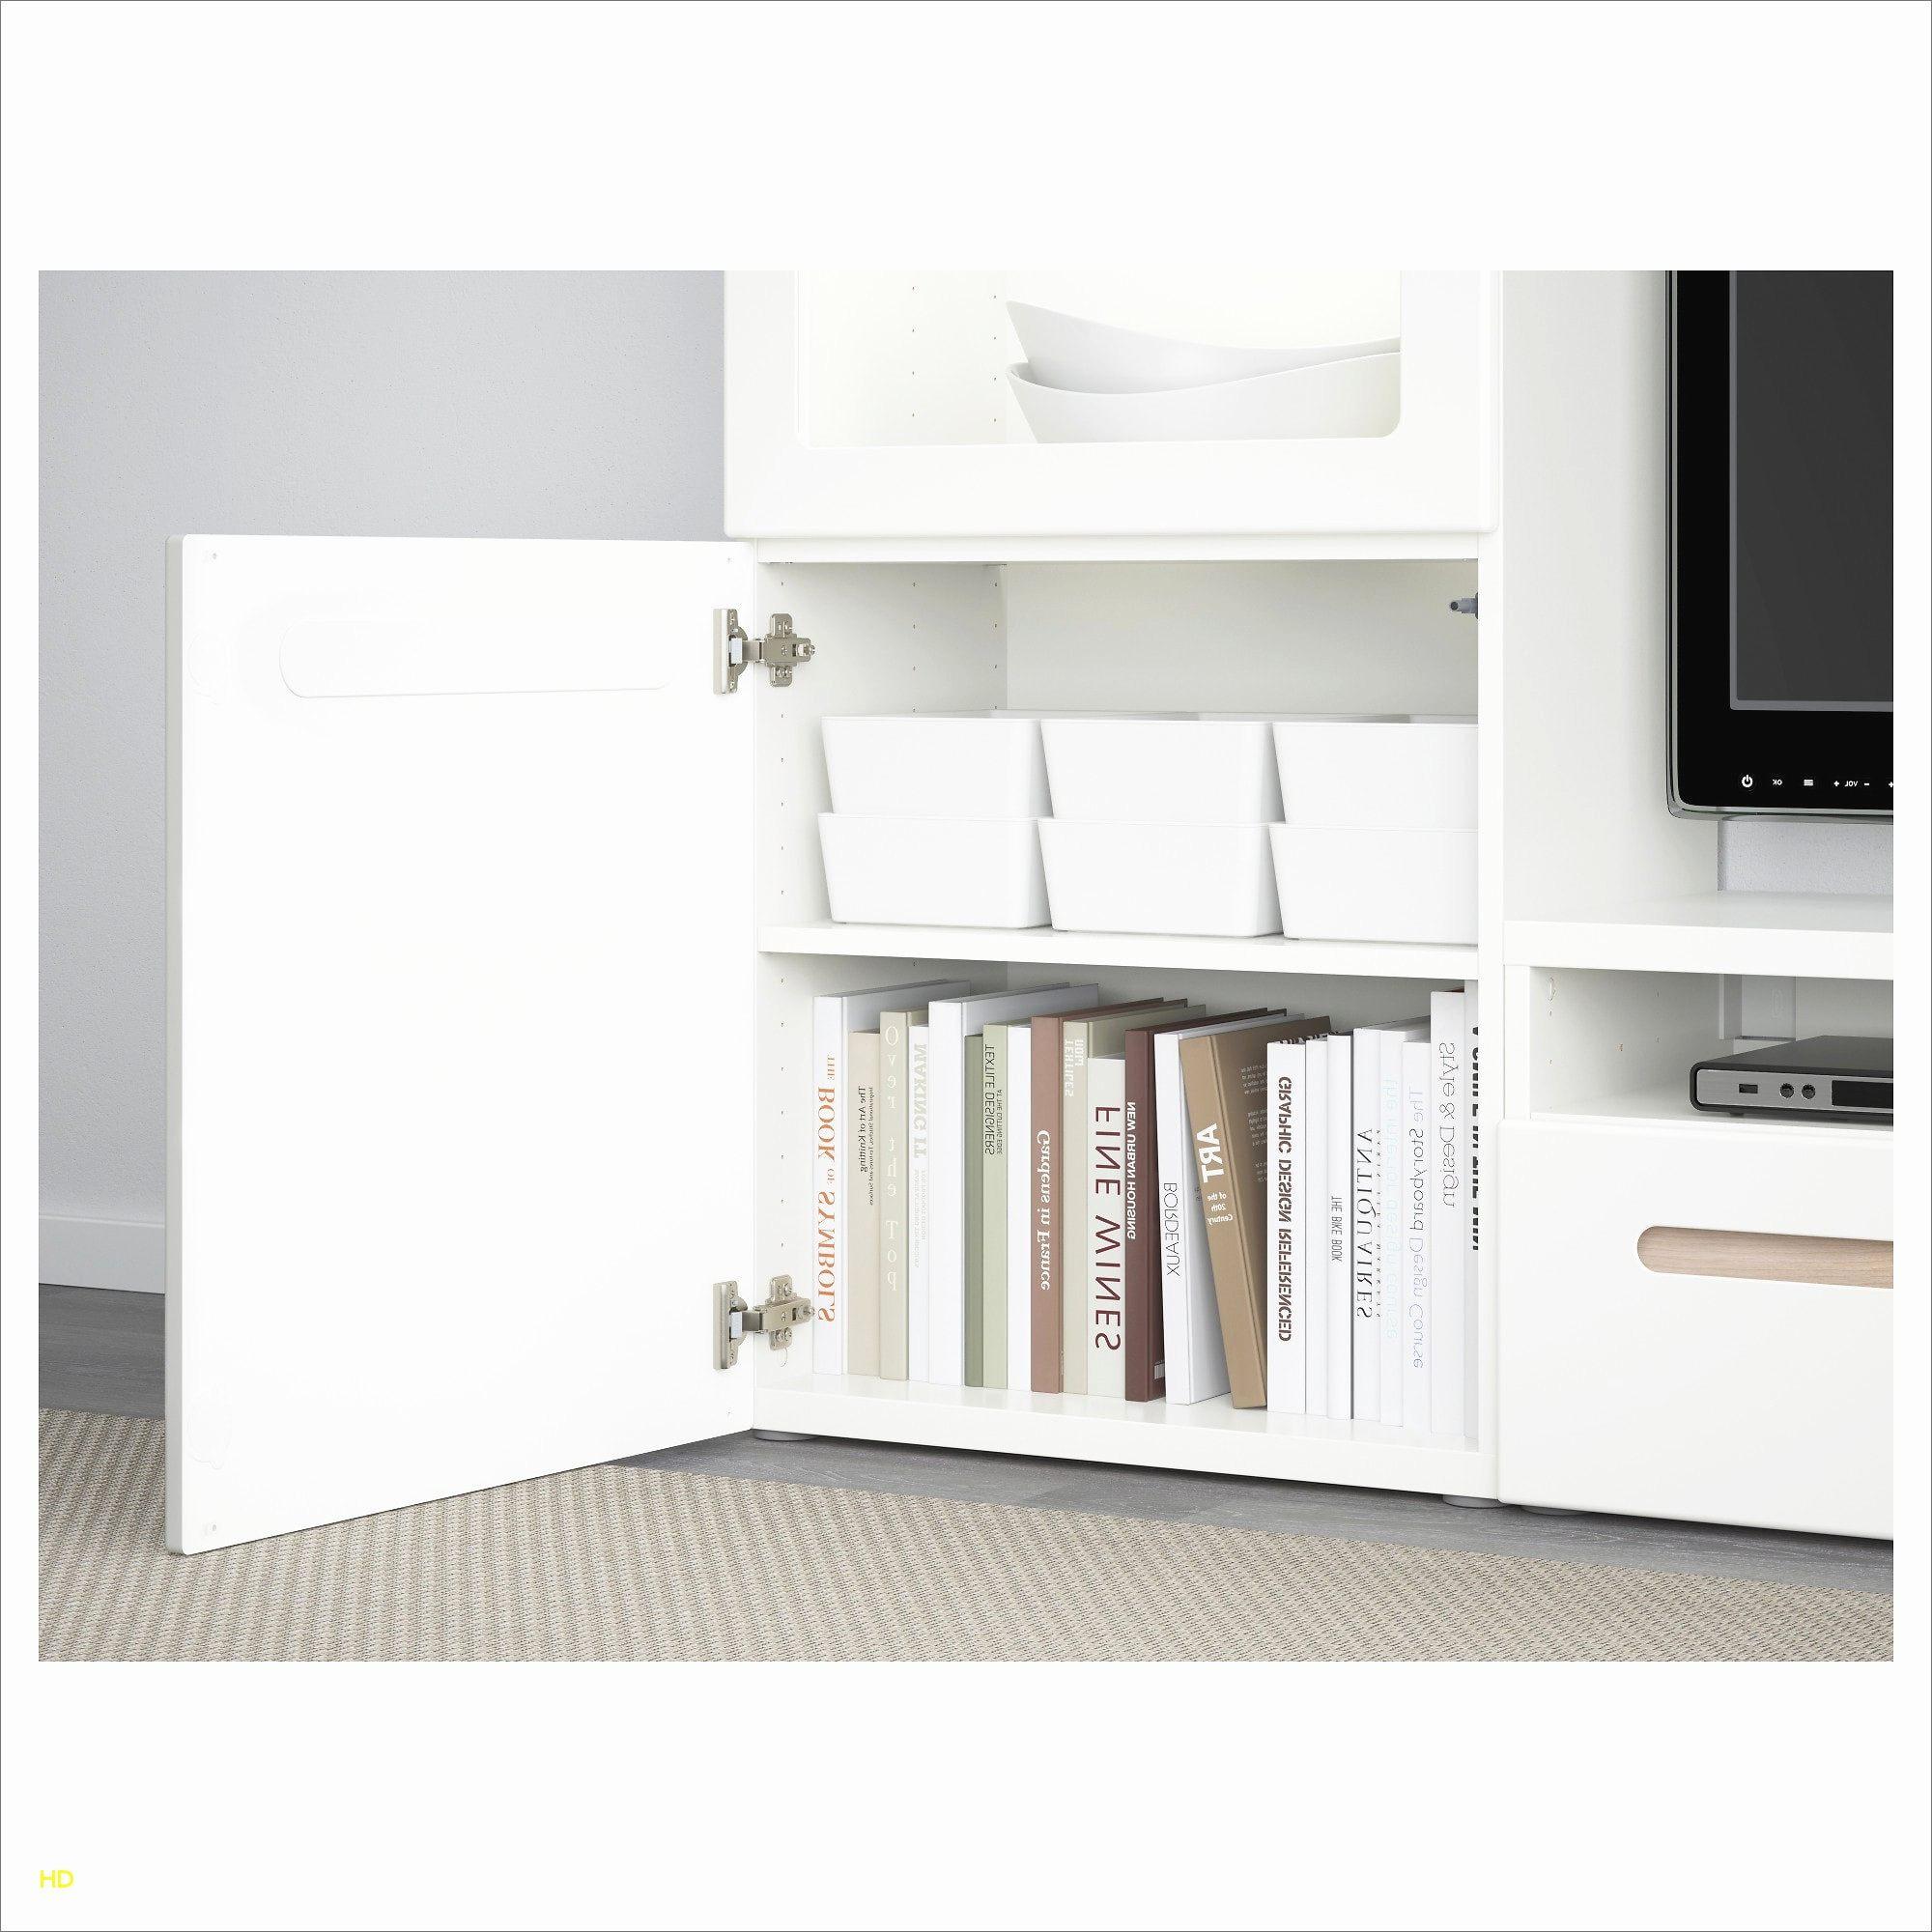 Lit Blanc Avec Rangement Frais Banc Avec Rangement Ikea Banc Coffre Blanc Ikea Luxe Meuble Coffre